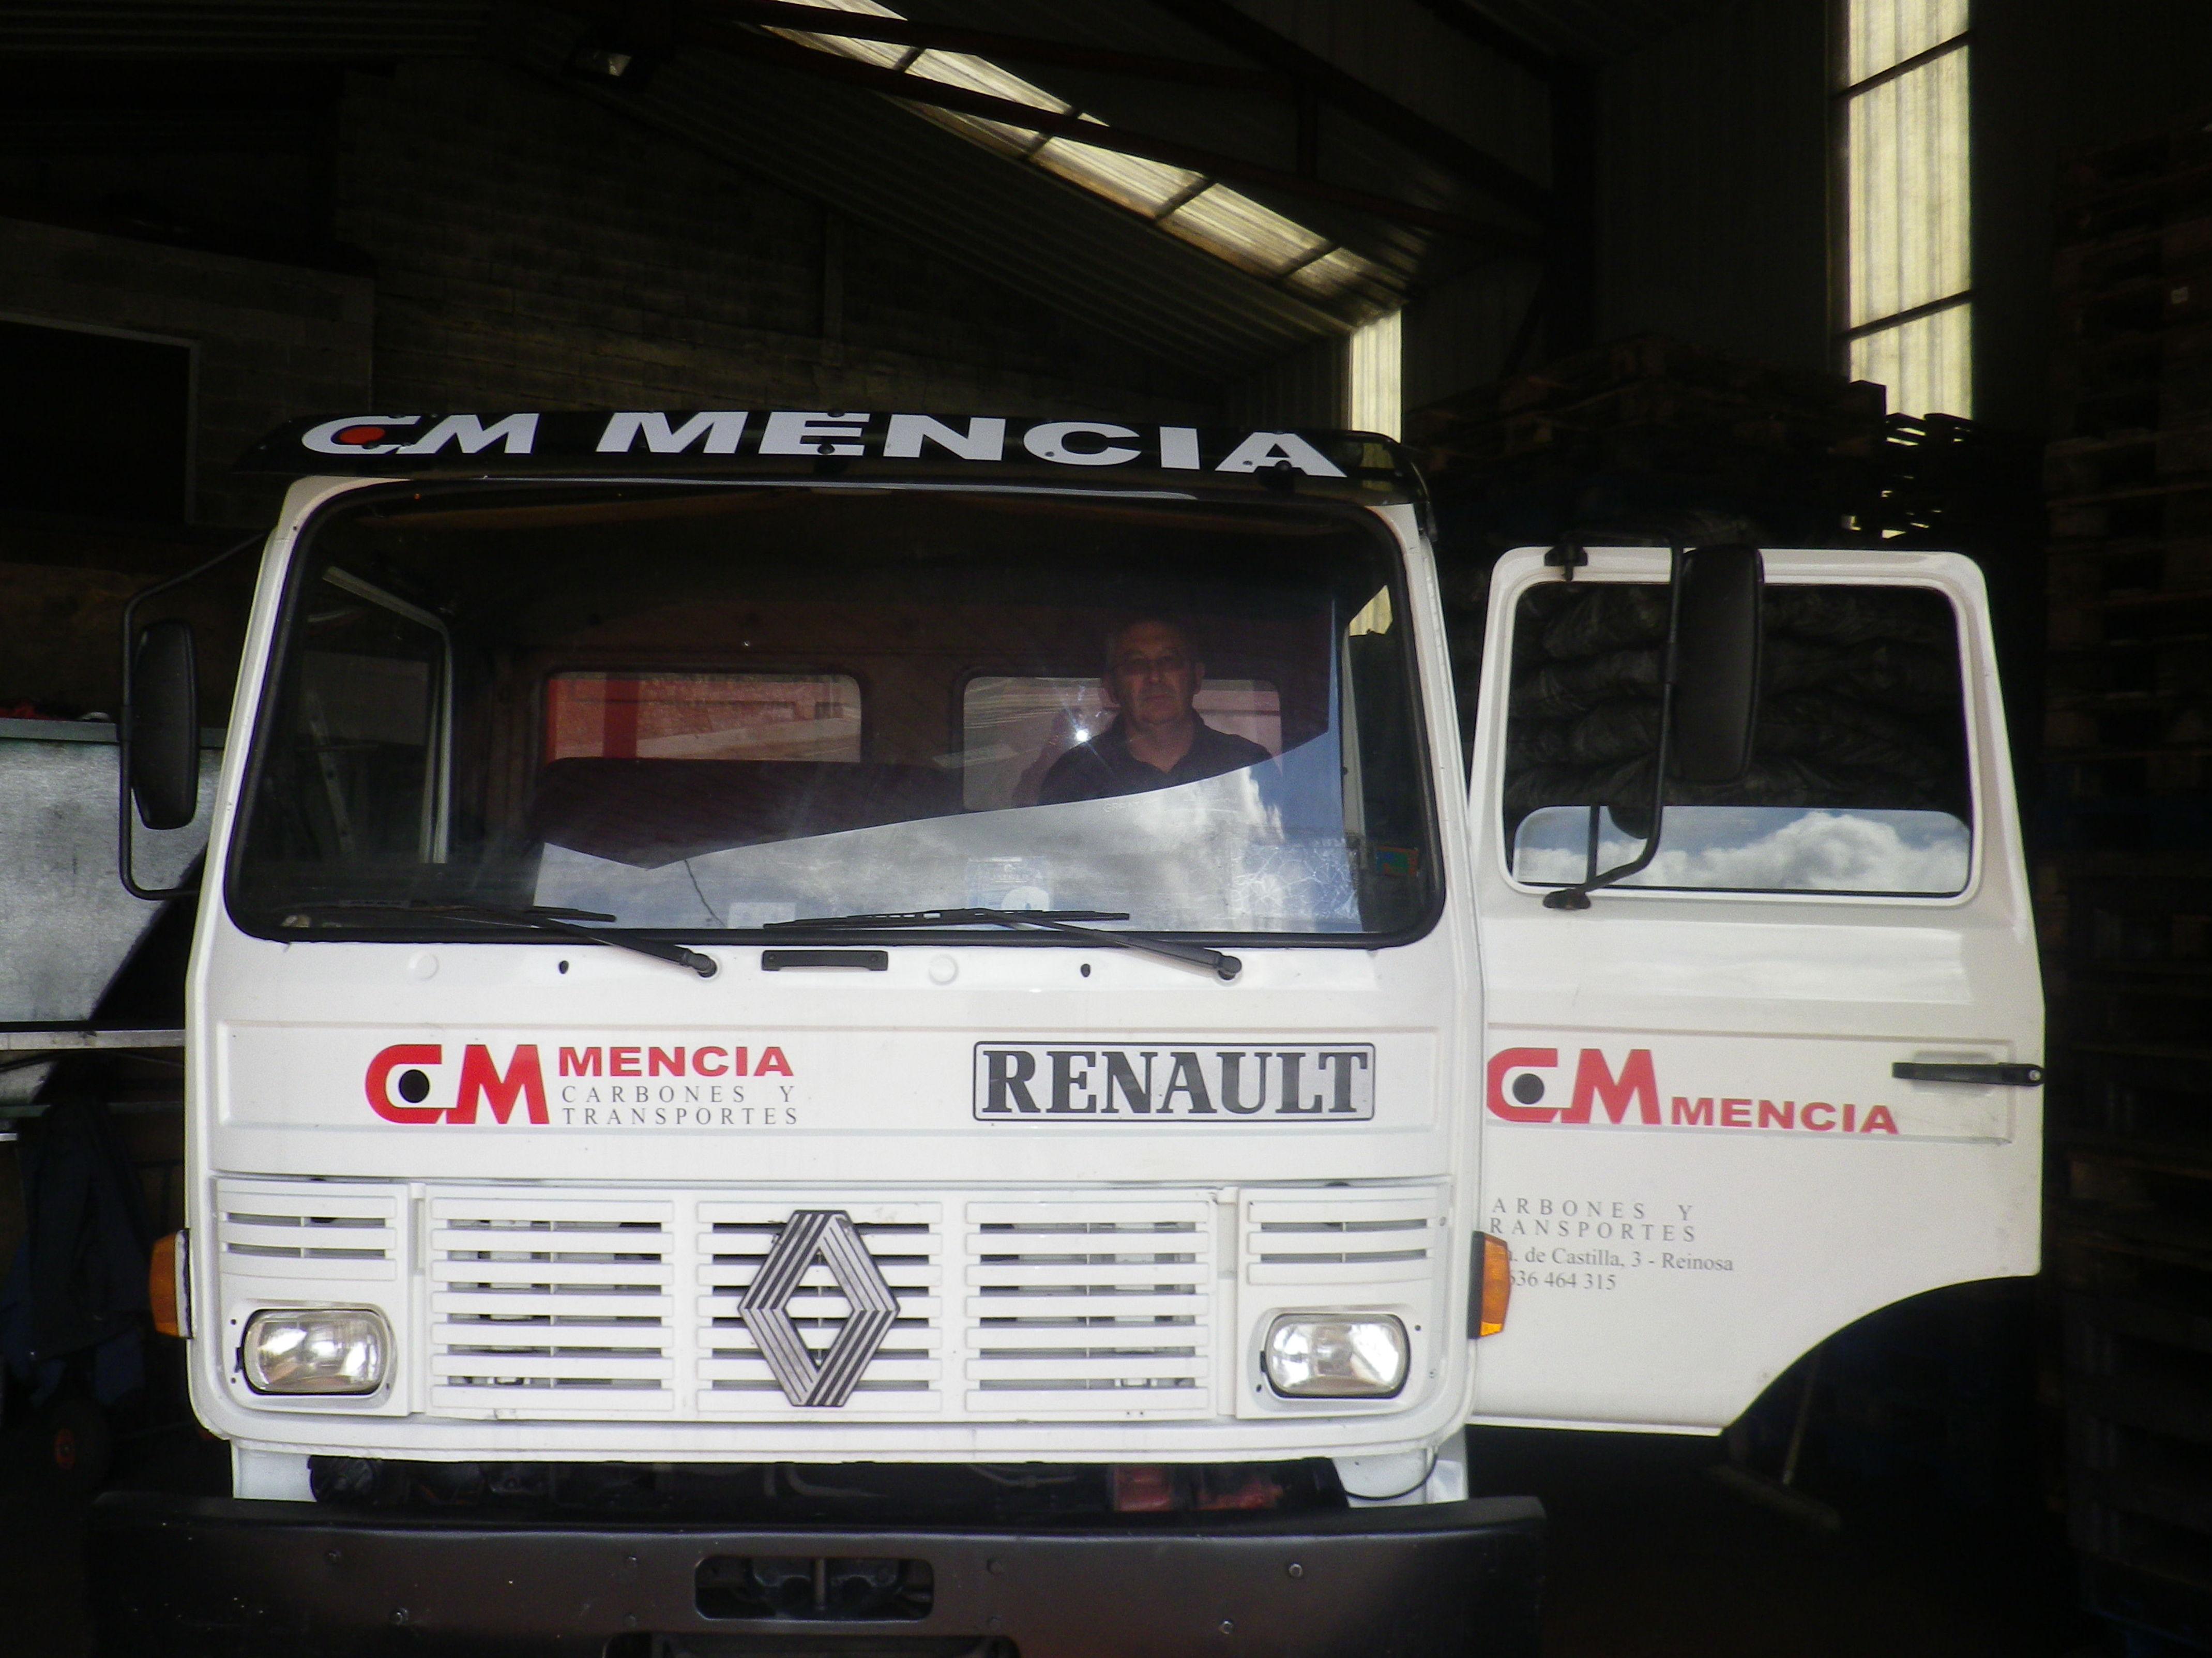 Carbones y Transportes Mencia es una empresa dedicada a la venta de todo tipo de carbón